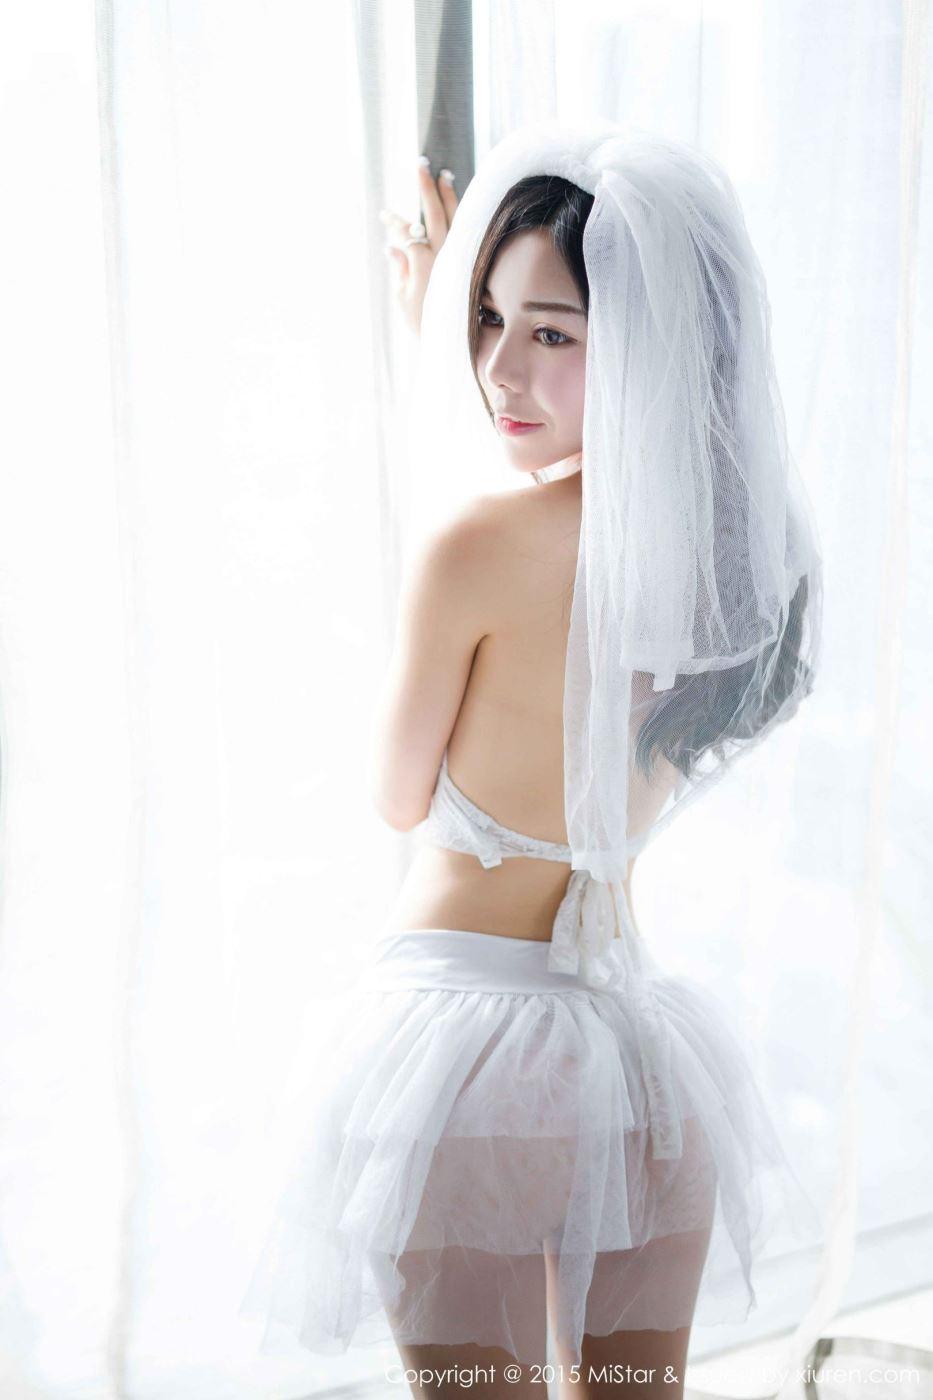 凹凸有致性感美女模特沈佳熹缕空内衣诱惑大尺度写真